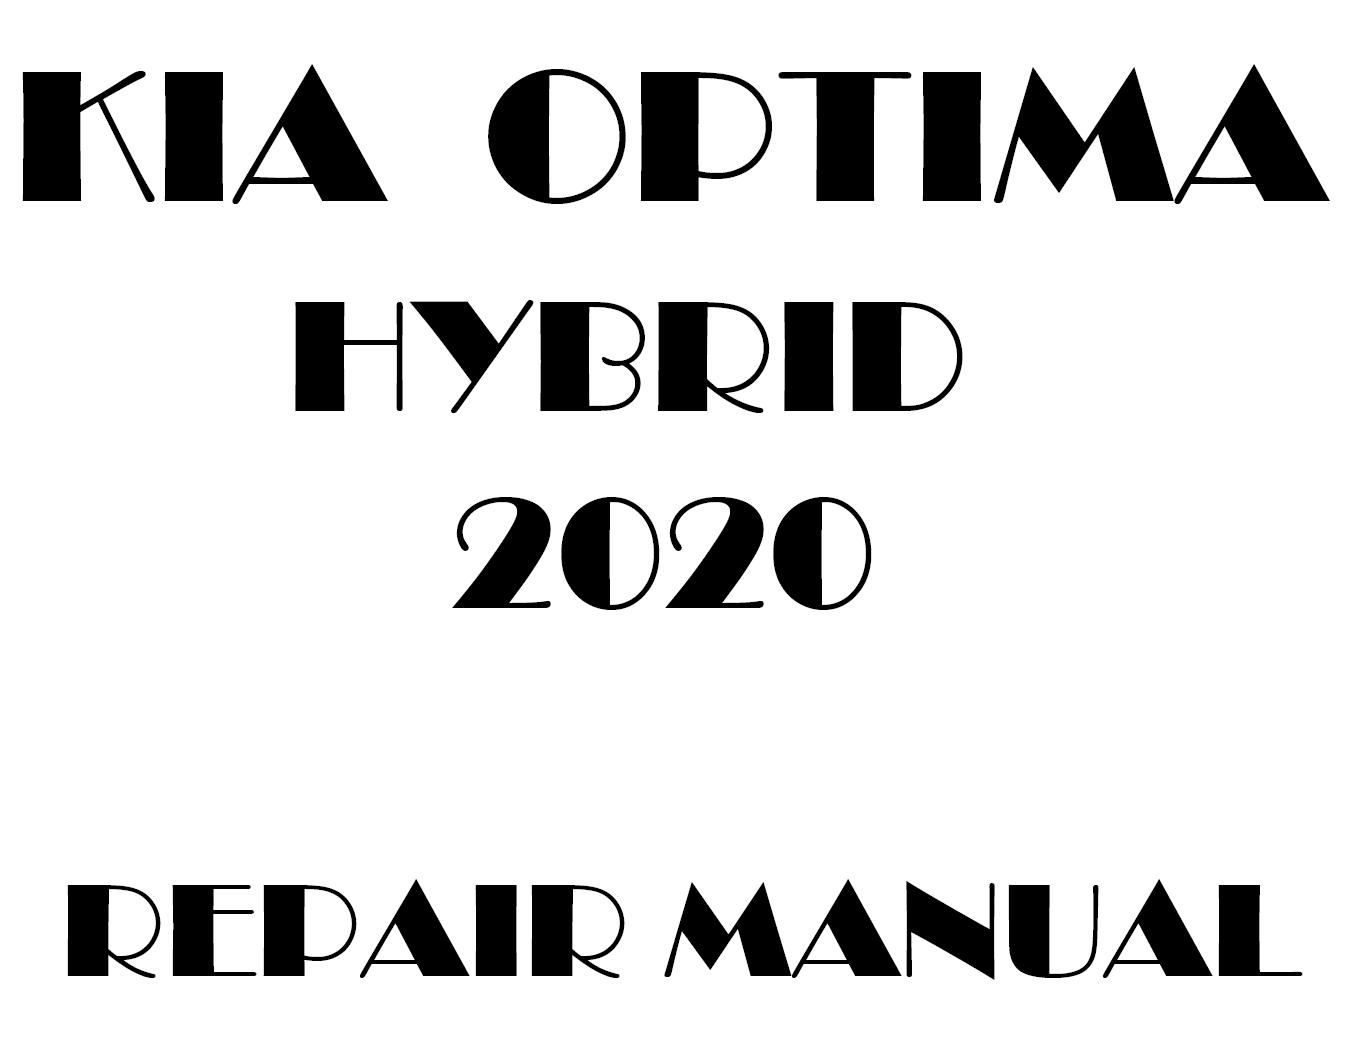 2020 Kia Optima Hybrid repair manual